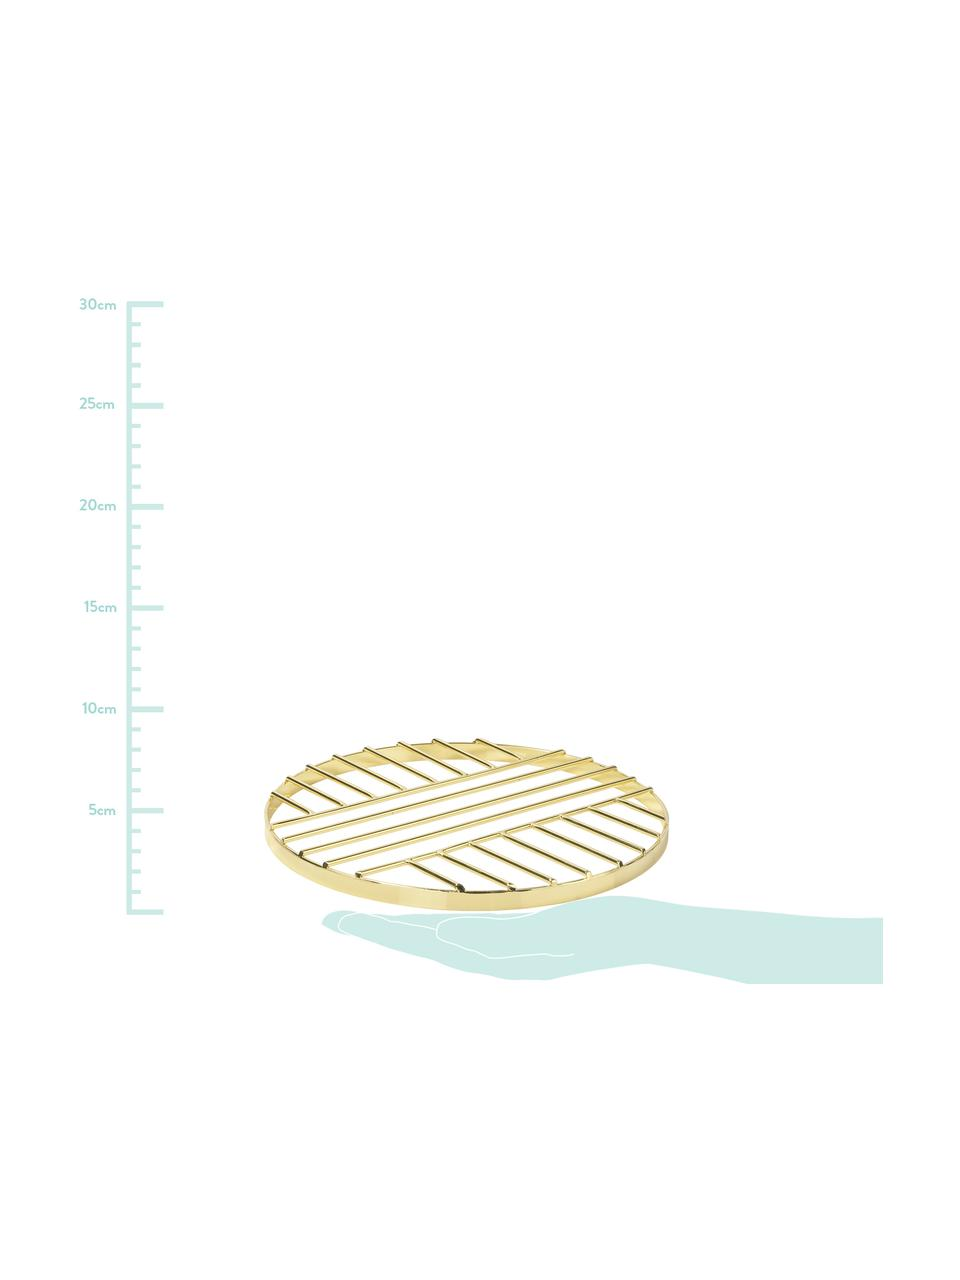 Topfuntersetzer Thrive, Metall, beschichtet, Messingfarben, Ø 20 cm